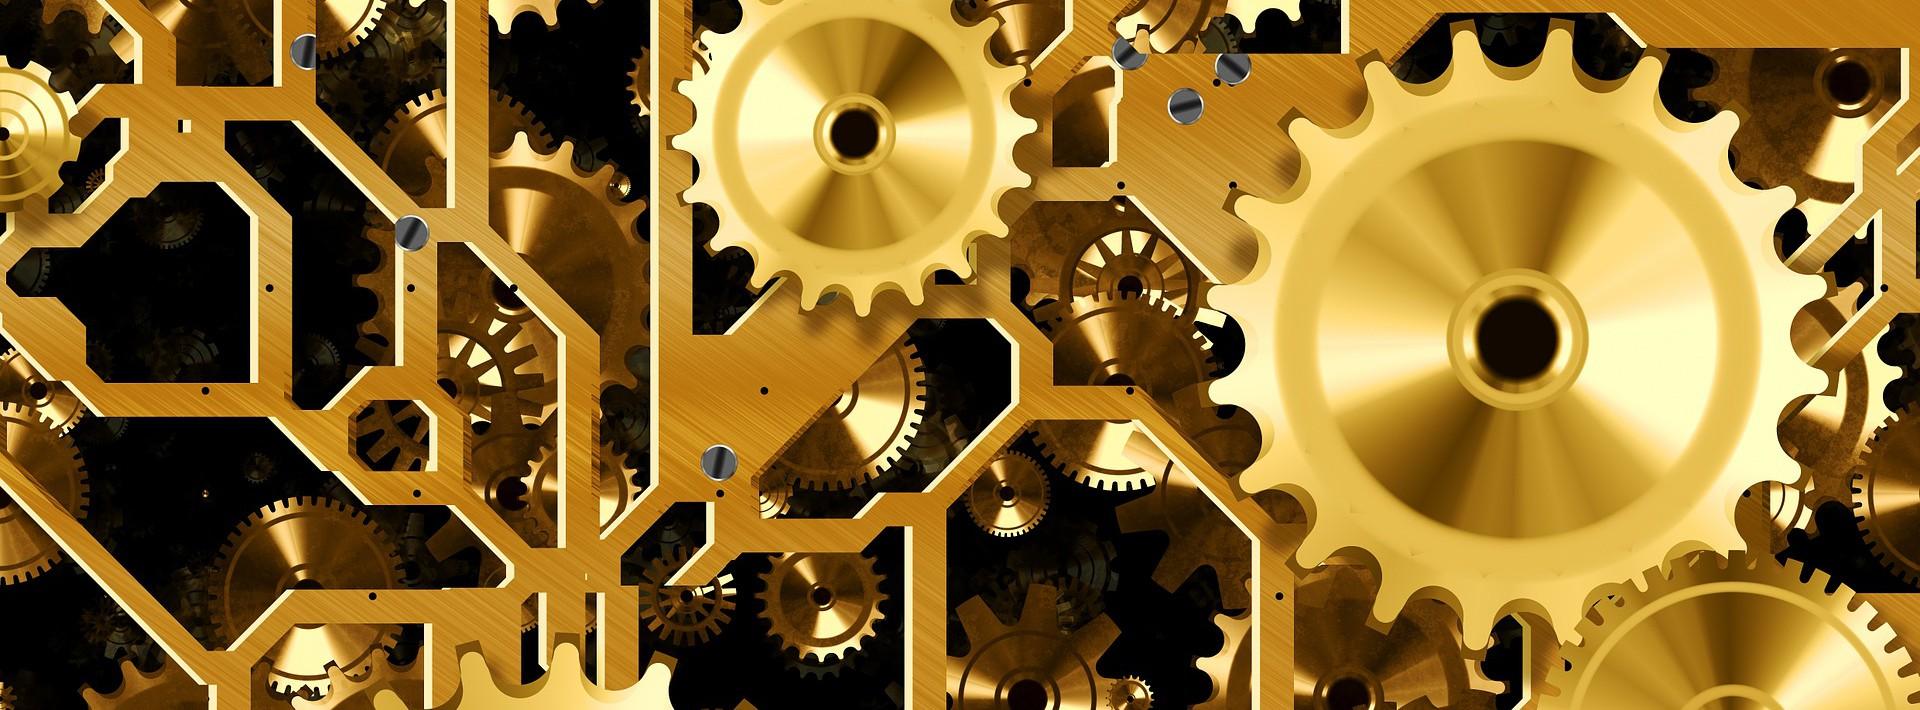 clock-70189_1920-e1450613580817